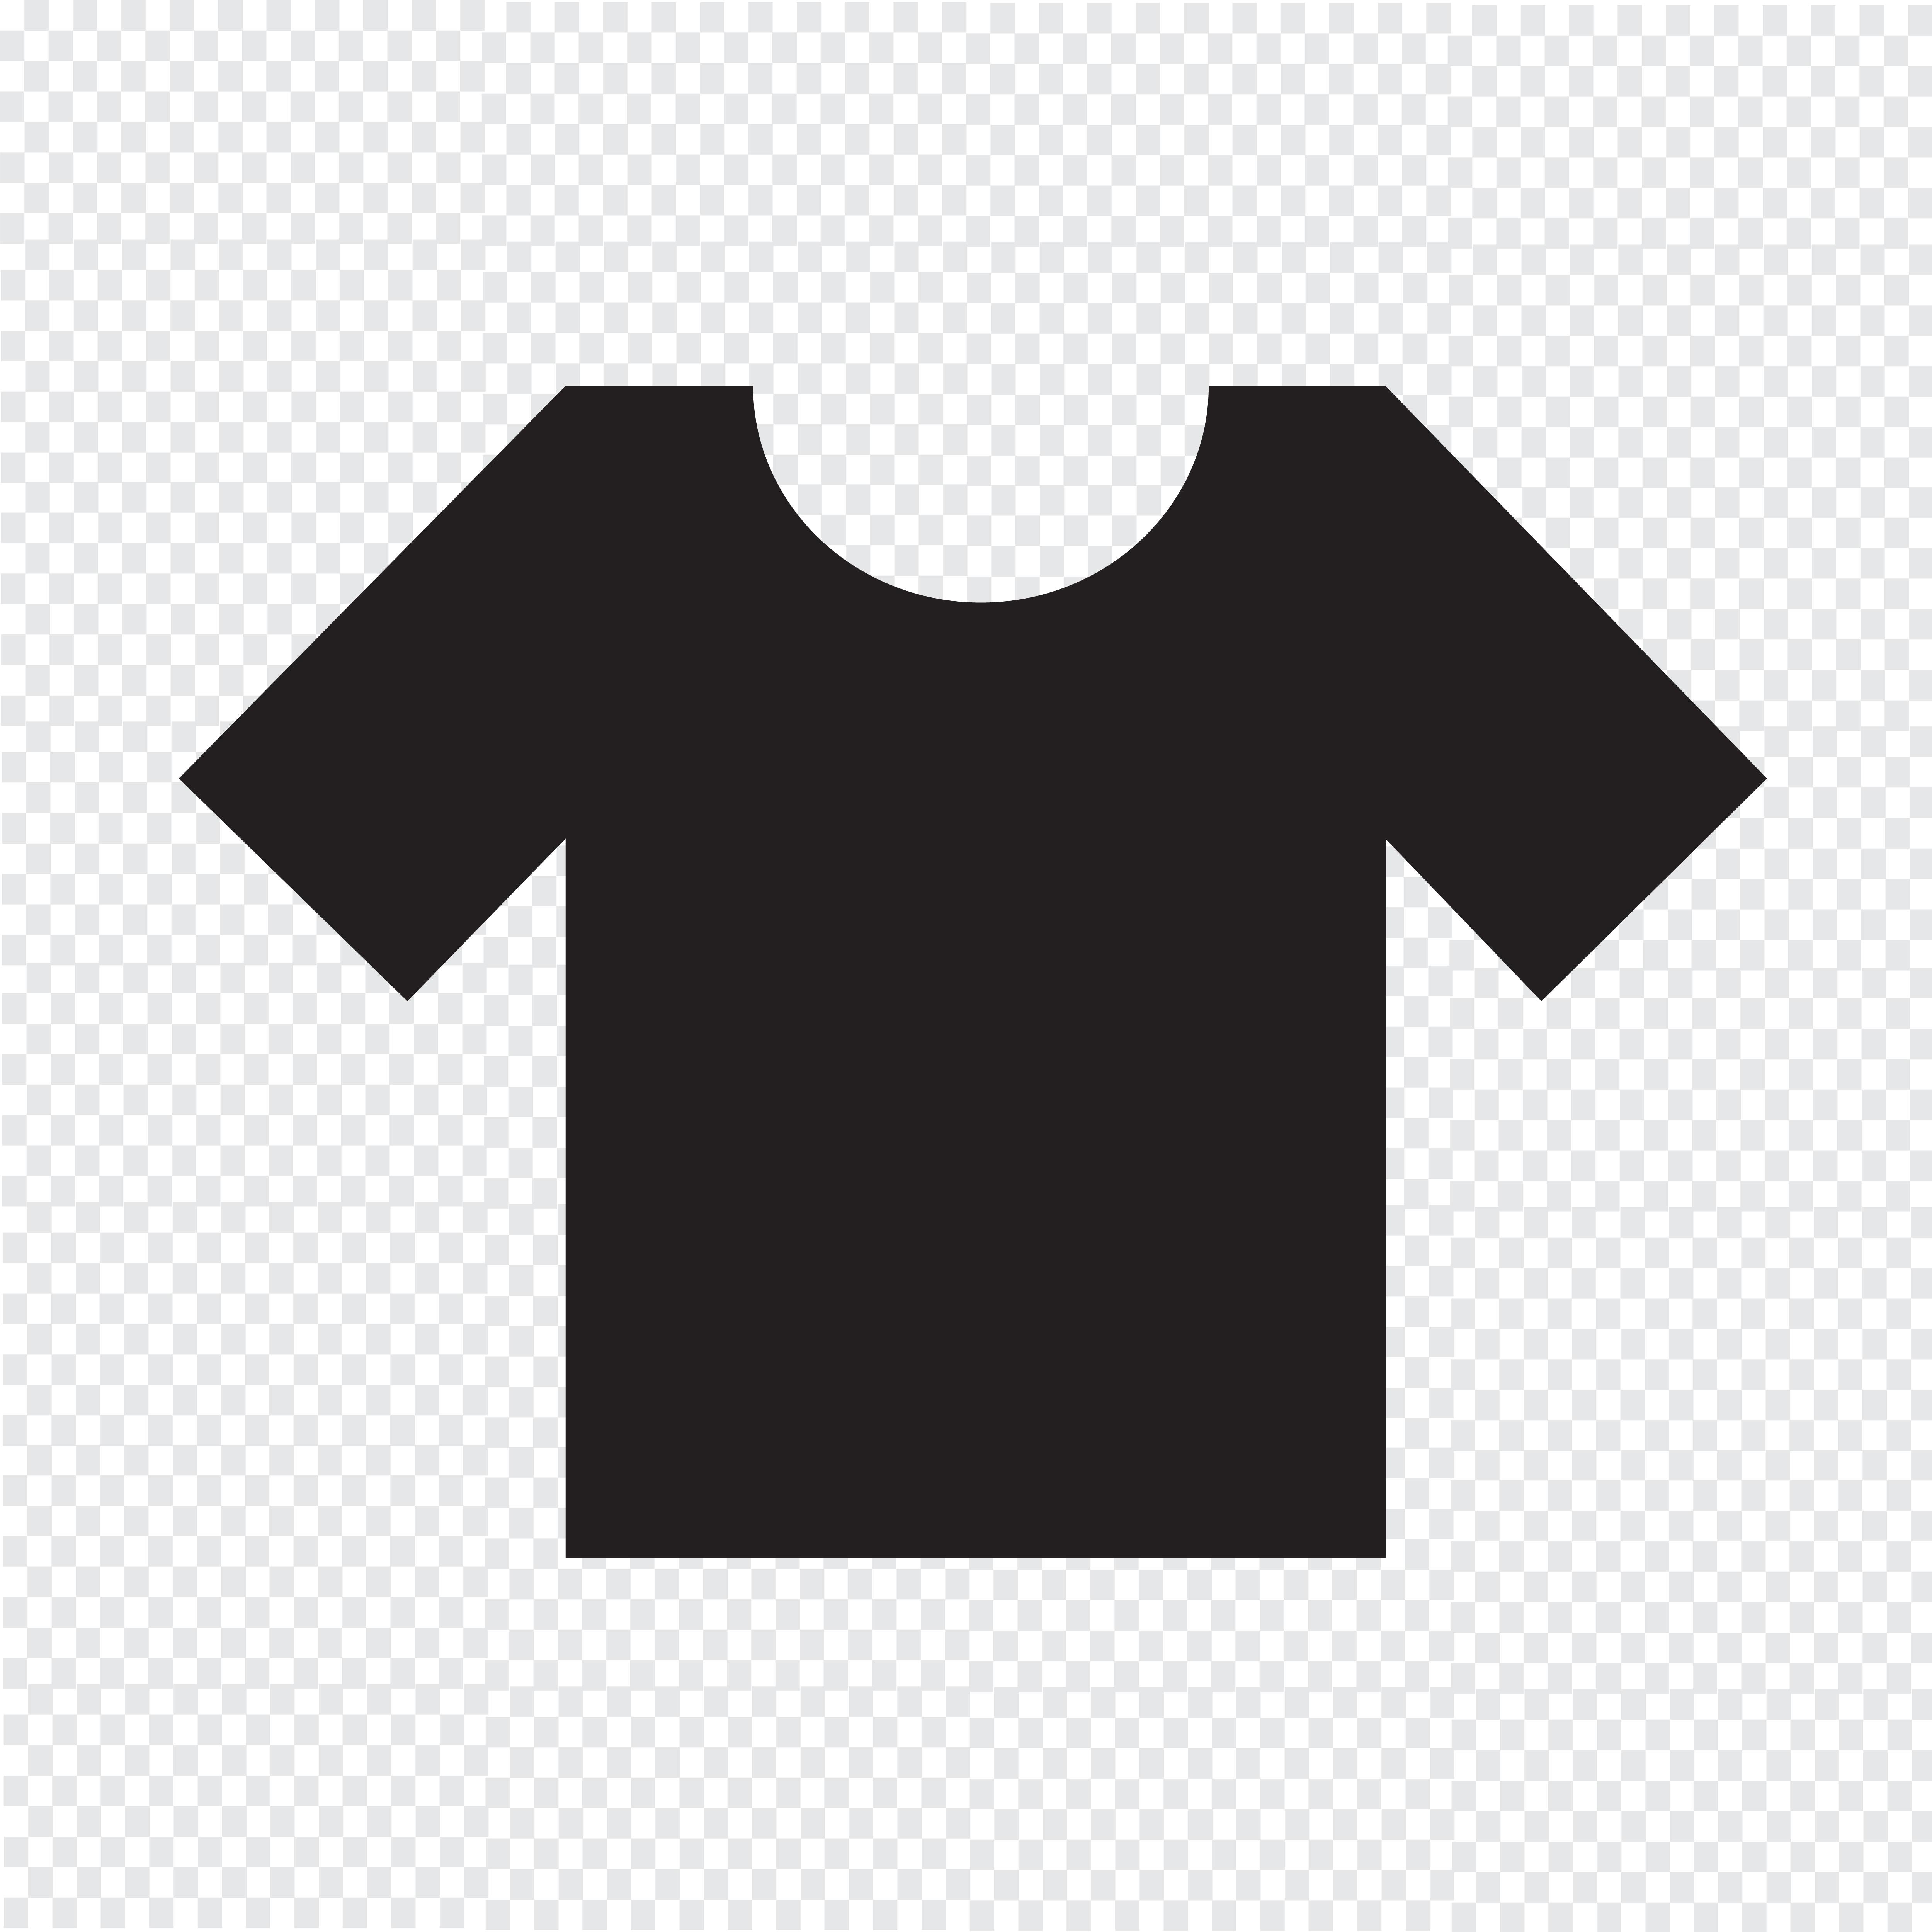 t shirt icon symbol sign download free vectors clipart graphics vector art vecteezy